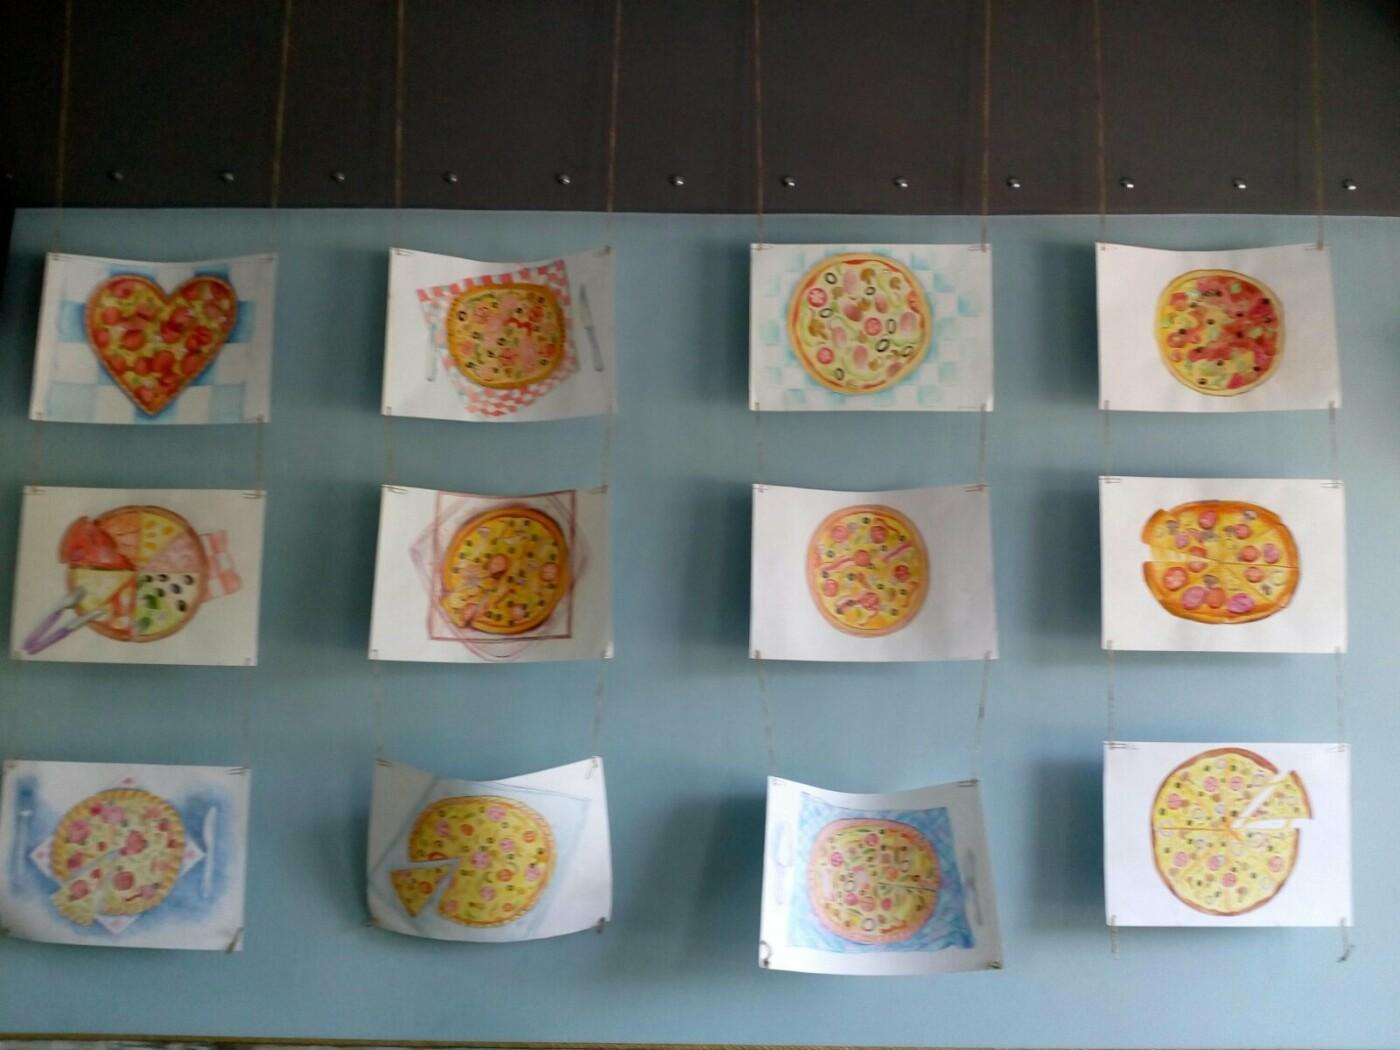 Юные художники Бердянска показали как разнообразно может выглядеть пицца, фото-3